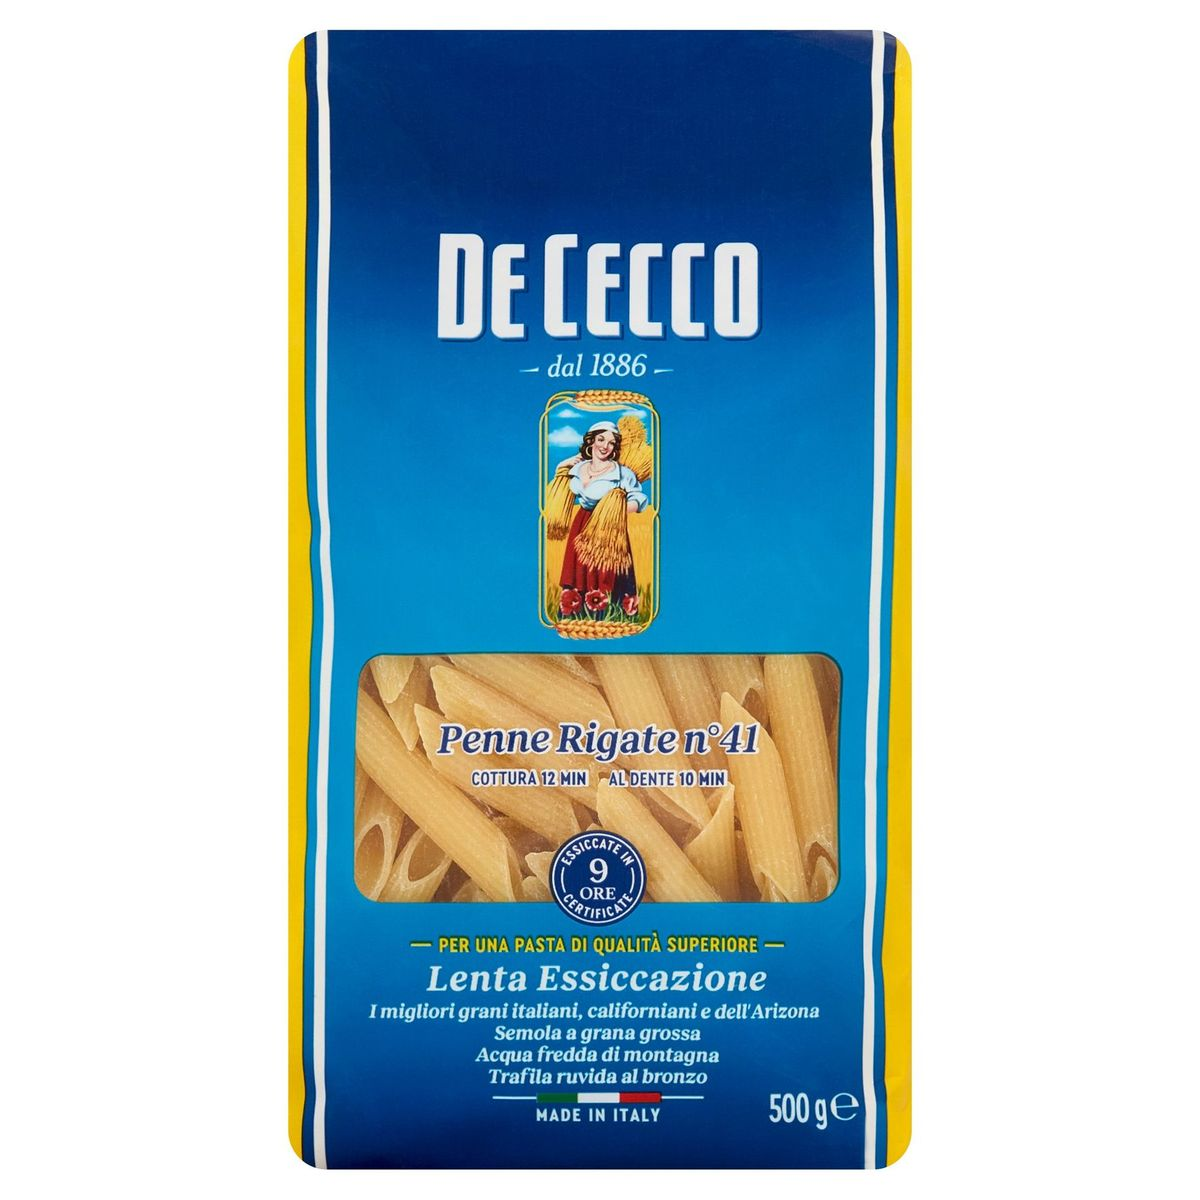 De Cecco Penne Rigate n°41 500 g